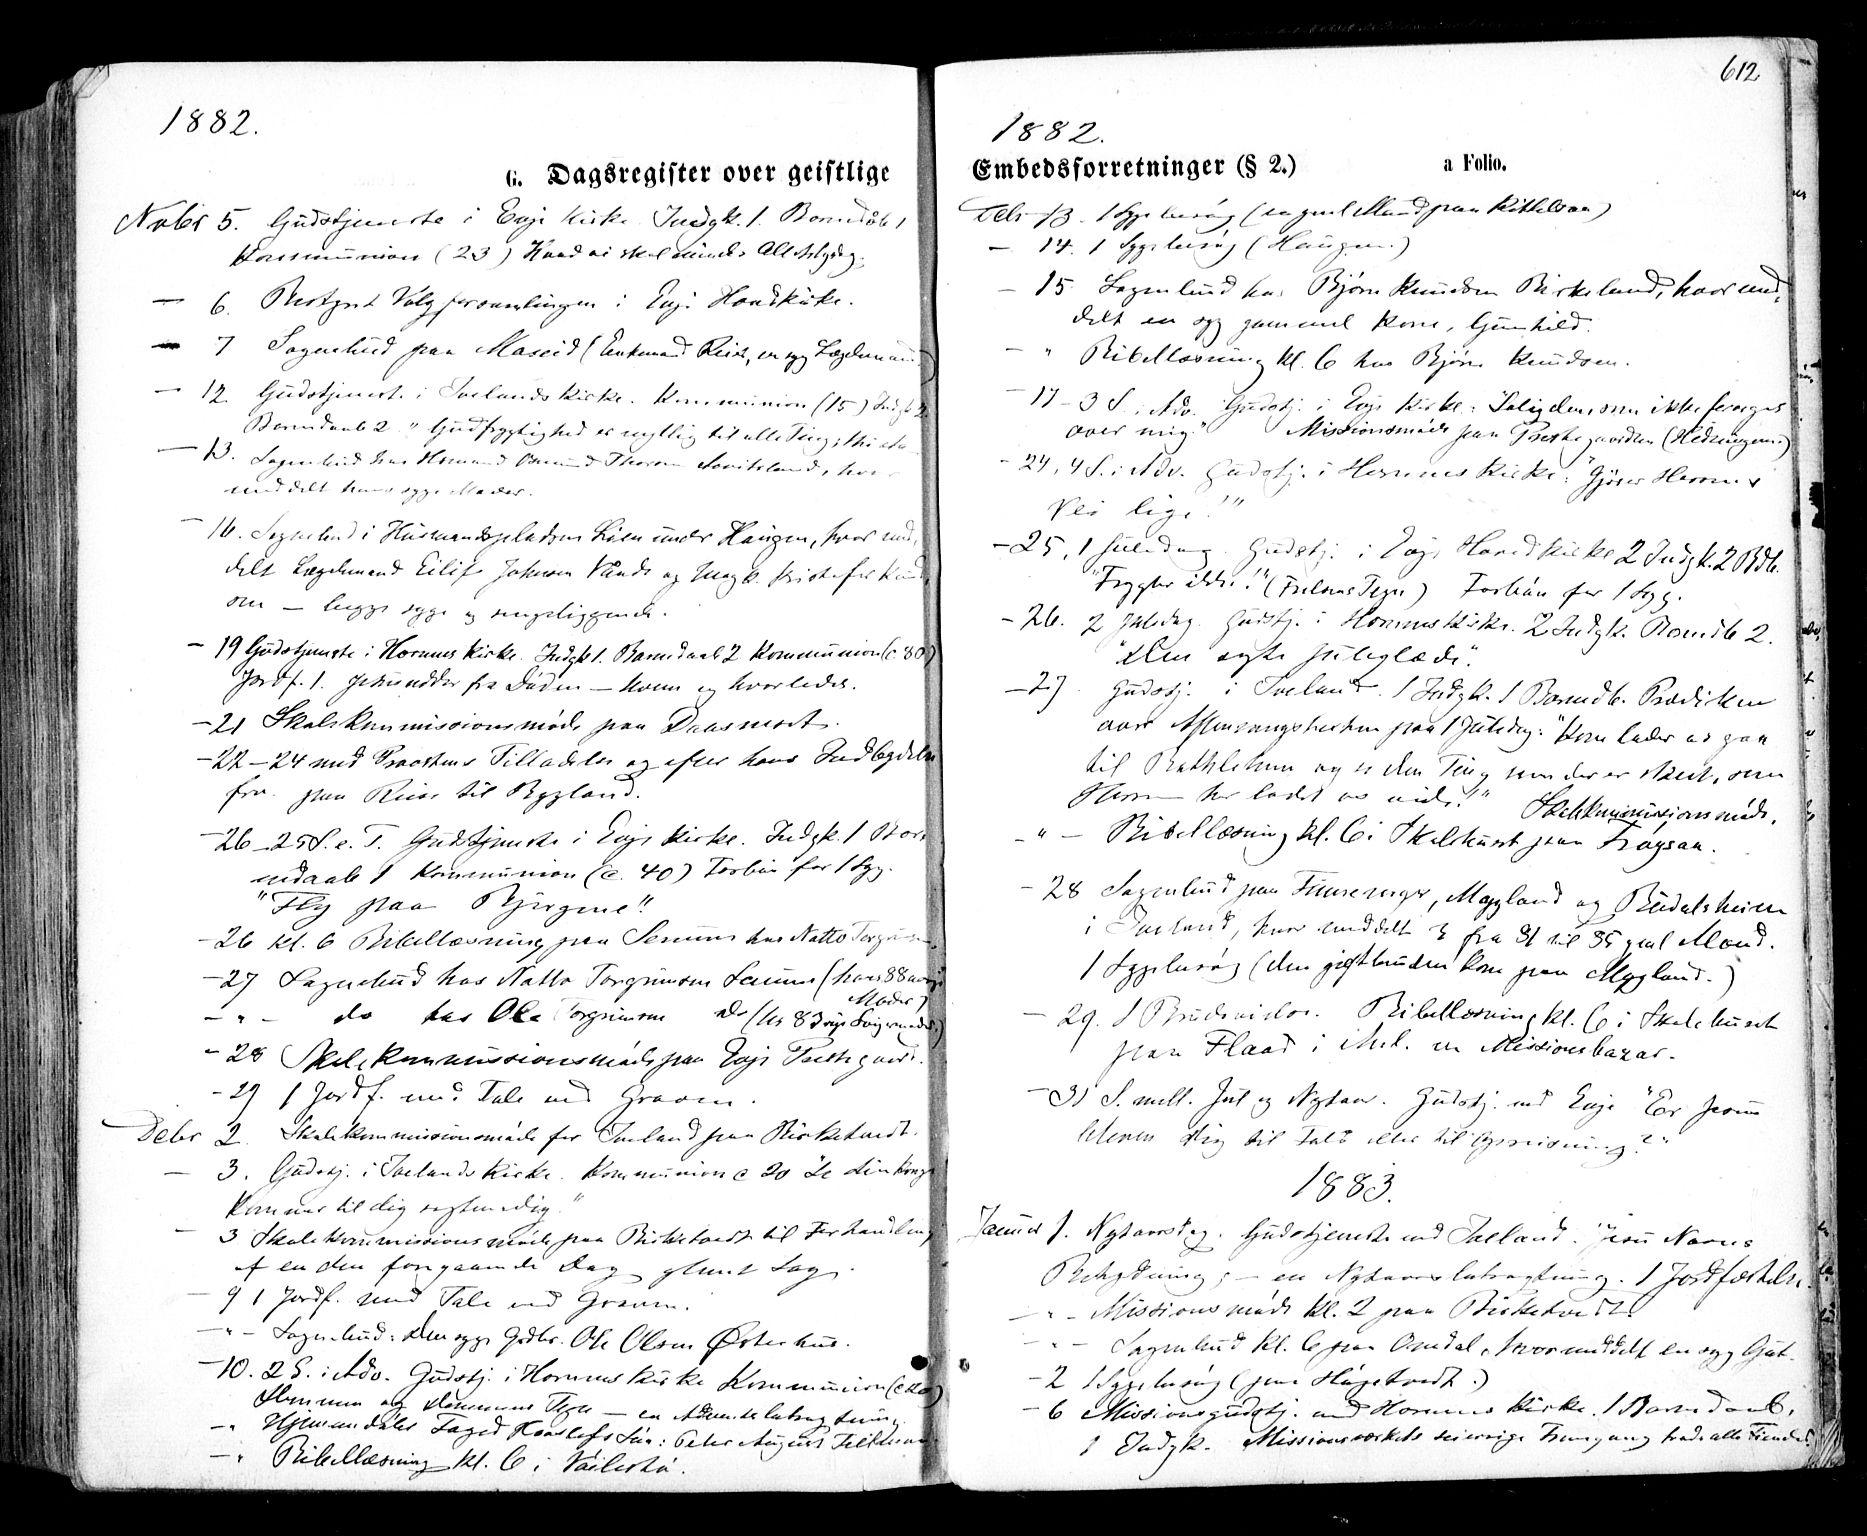 SAK, Evje sokneprestkontor, F/Fa/Faa/L0006: Ministerialbok nr. A 6, 1866-1884, s. 612